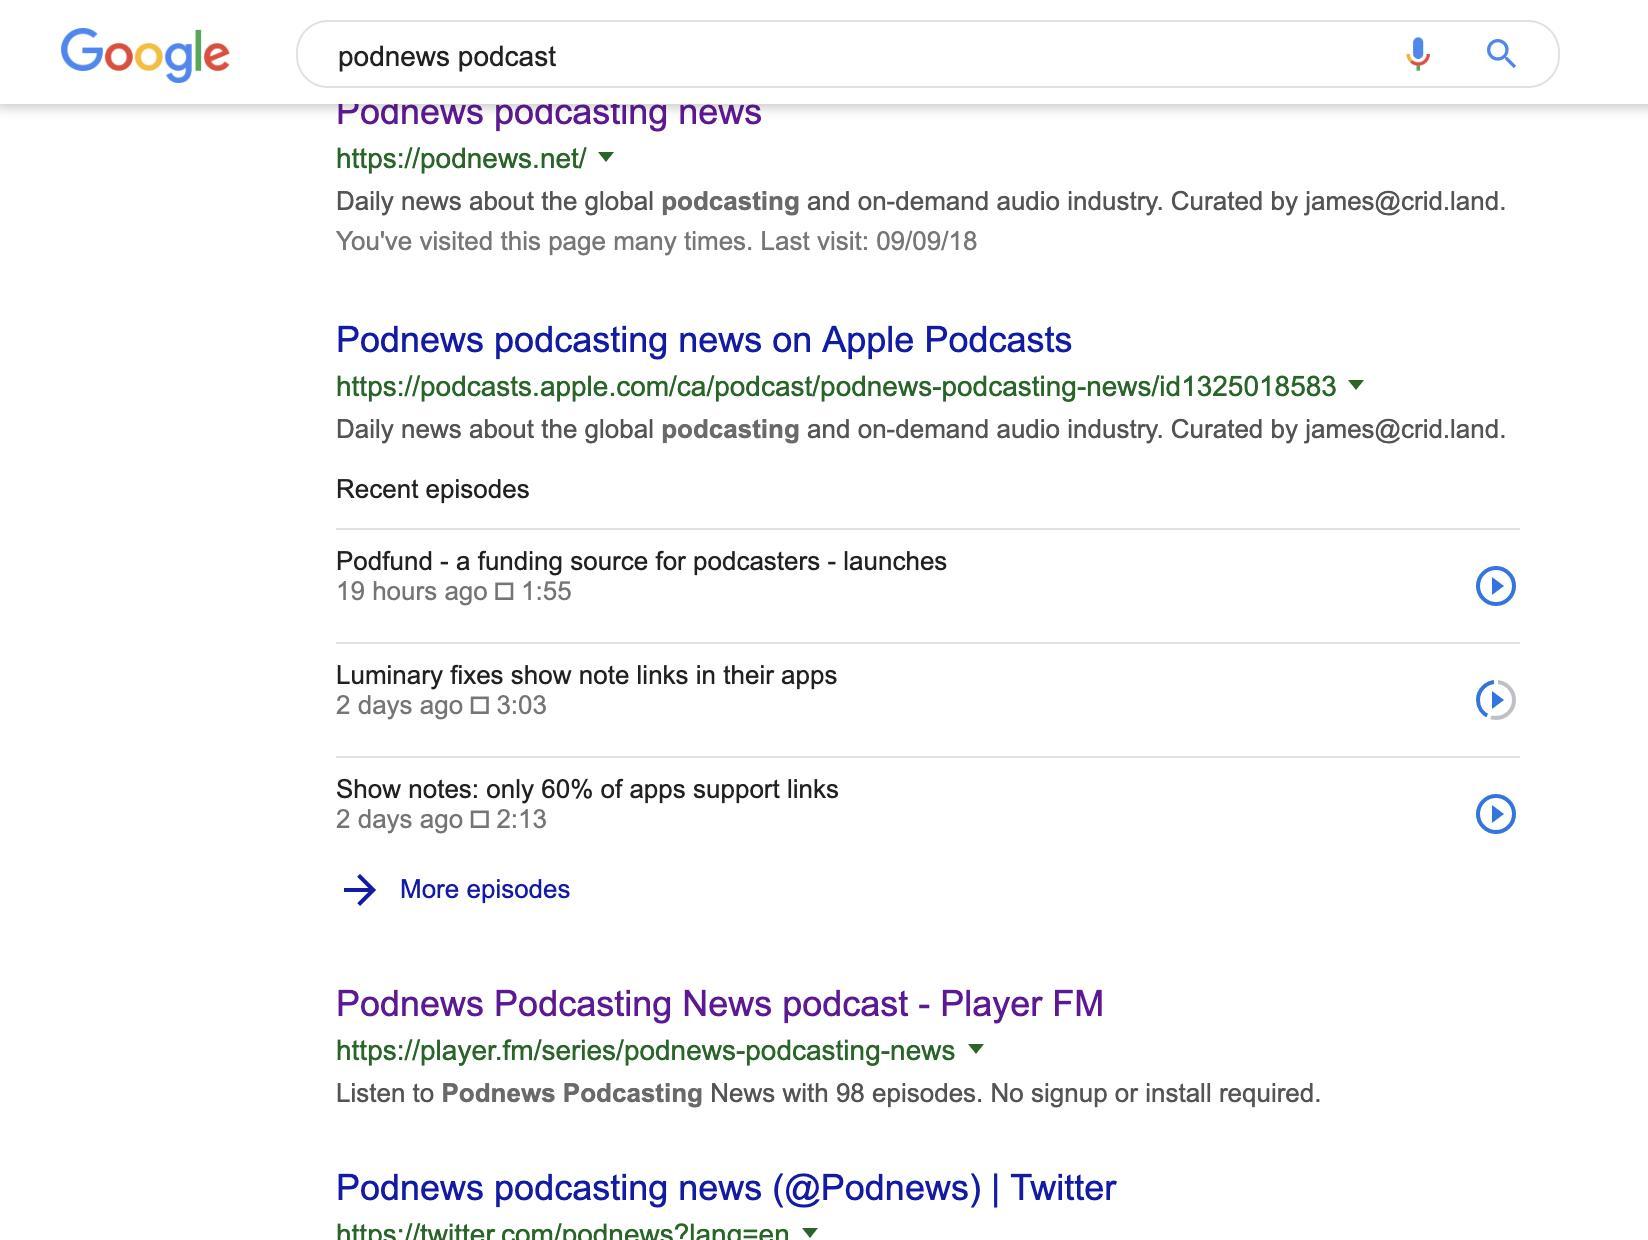 Podnews podcasting news on Twitter: